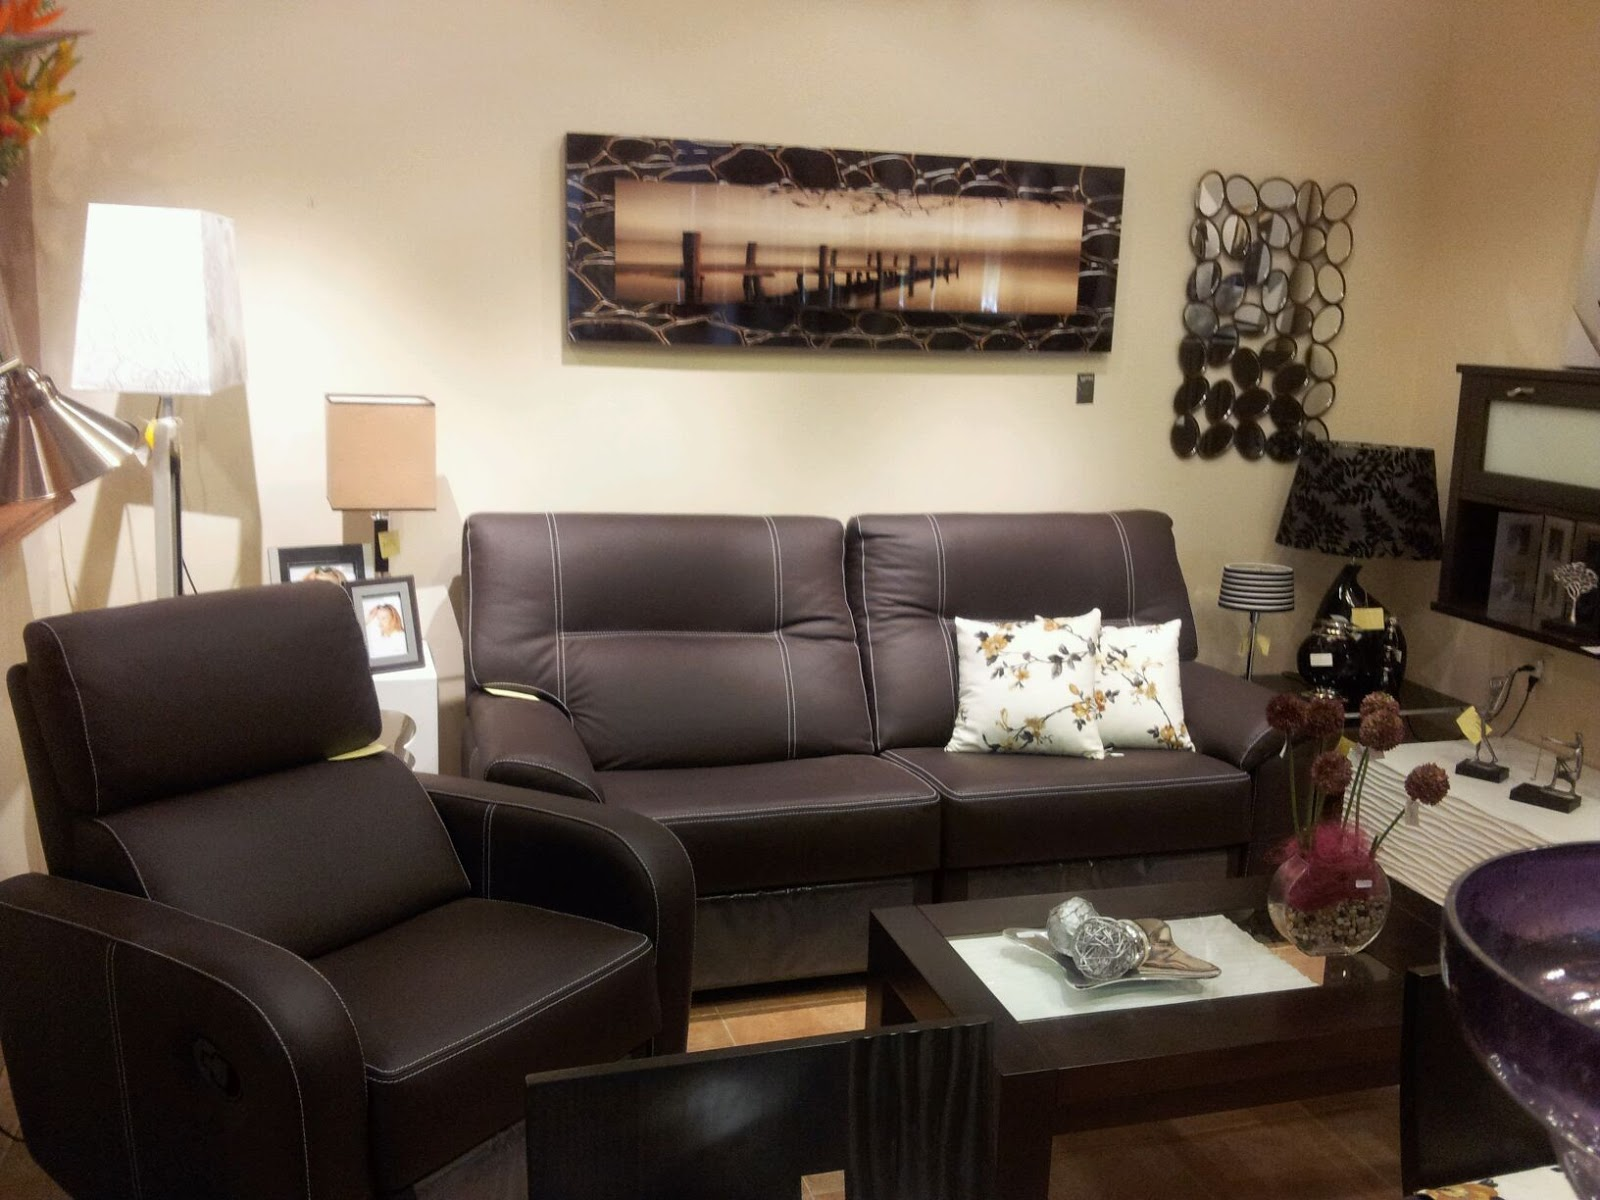 Bamb muebles y cocinas sal n moderno una oportunidad - Que sofas que muebles ...